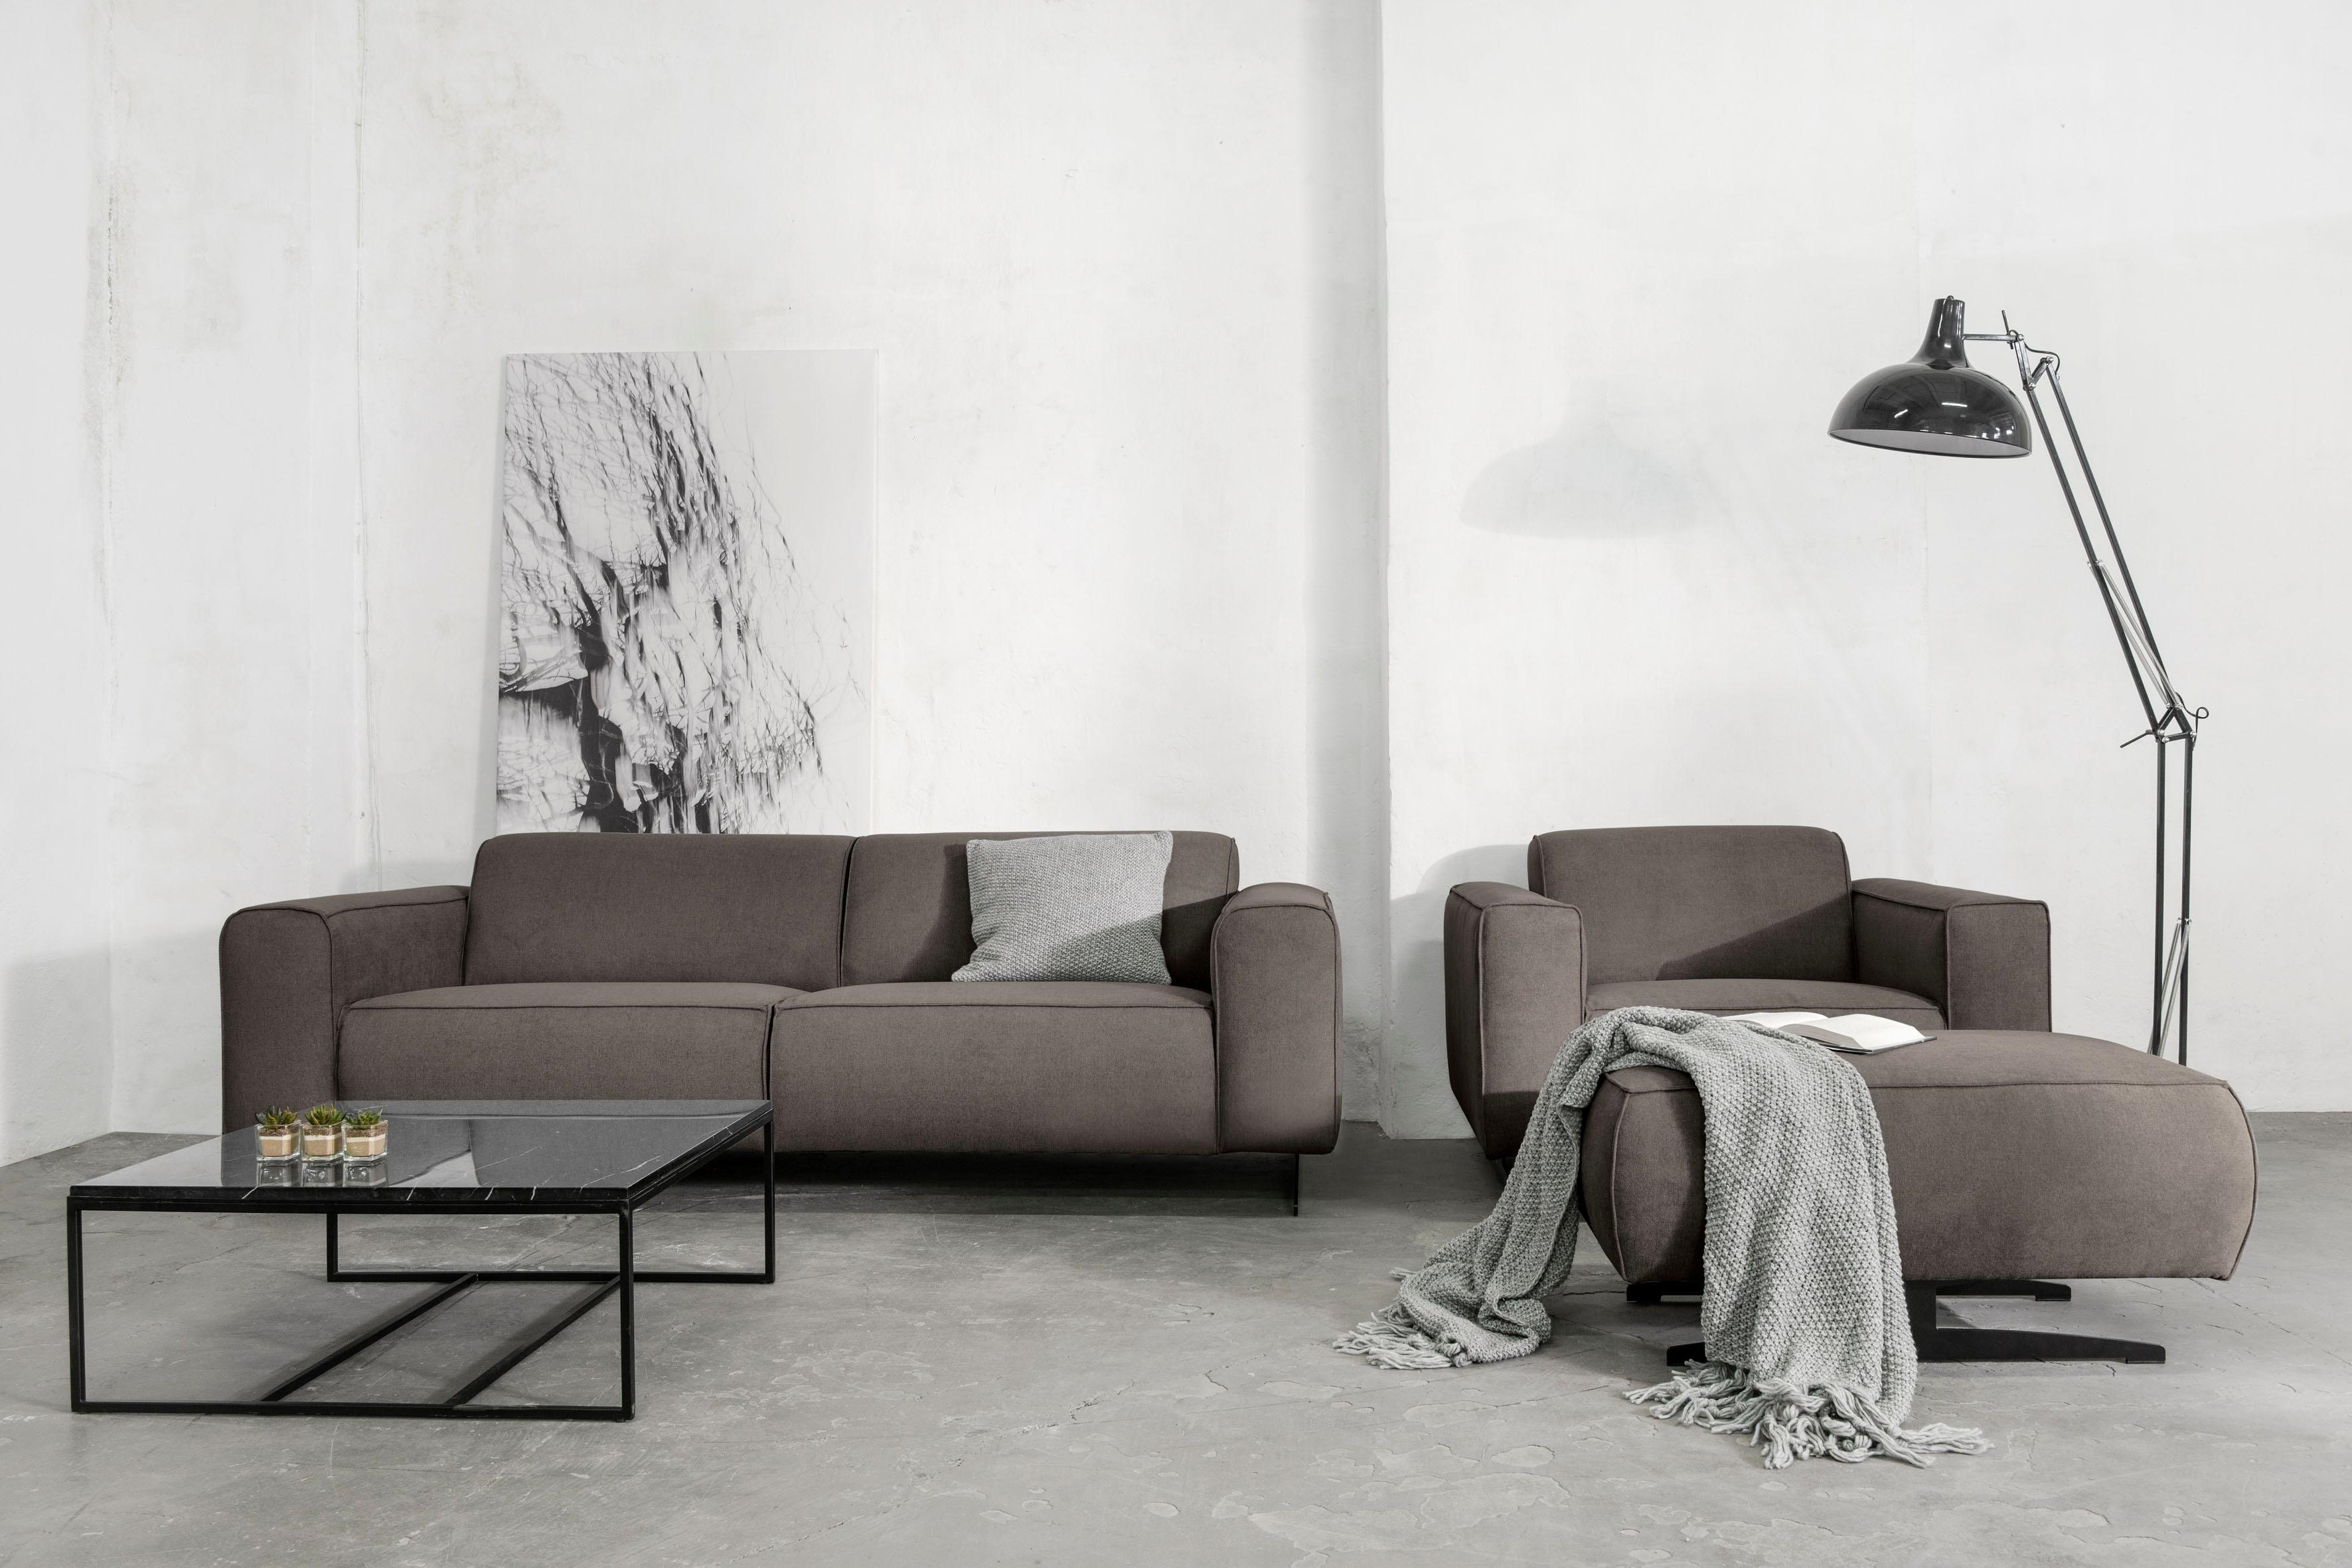 Design Sofabord Sofas Online Bestellen Osterreich Gunstige Sofas Online Bestellen Sofa Mit Bettfunktion Gunst Sofa Mit Bettfunktion Wohnen Gunstige Sofas